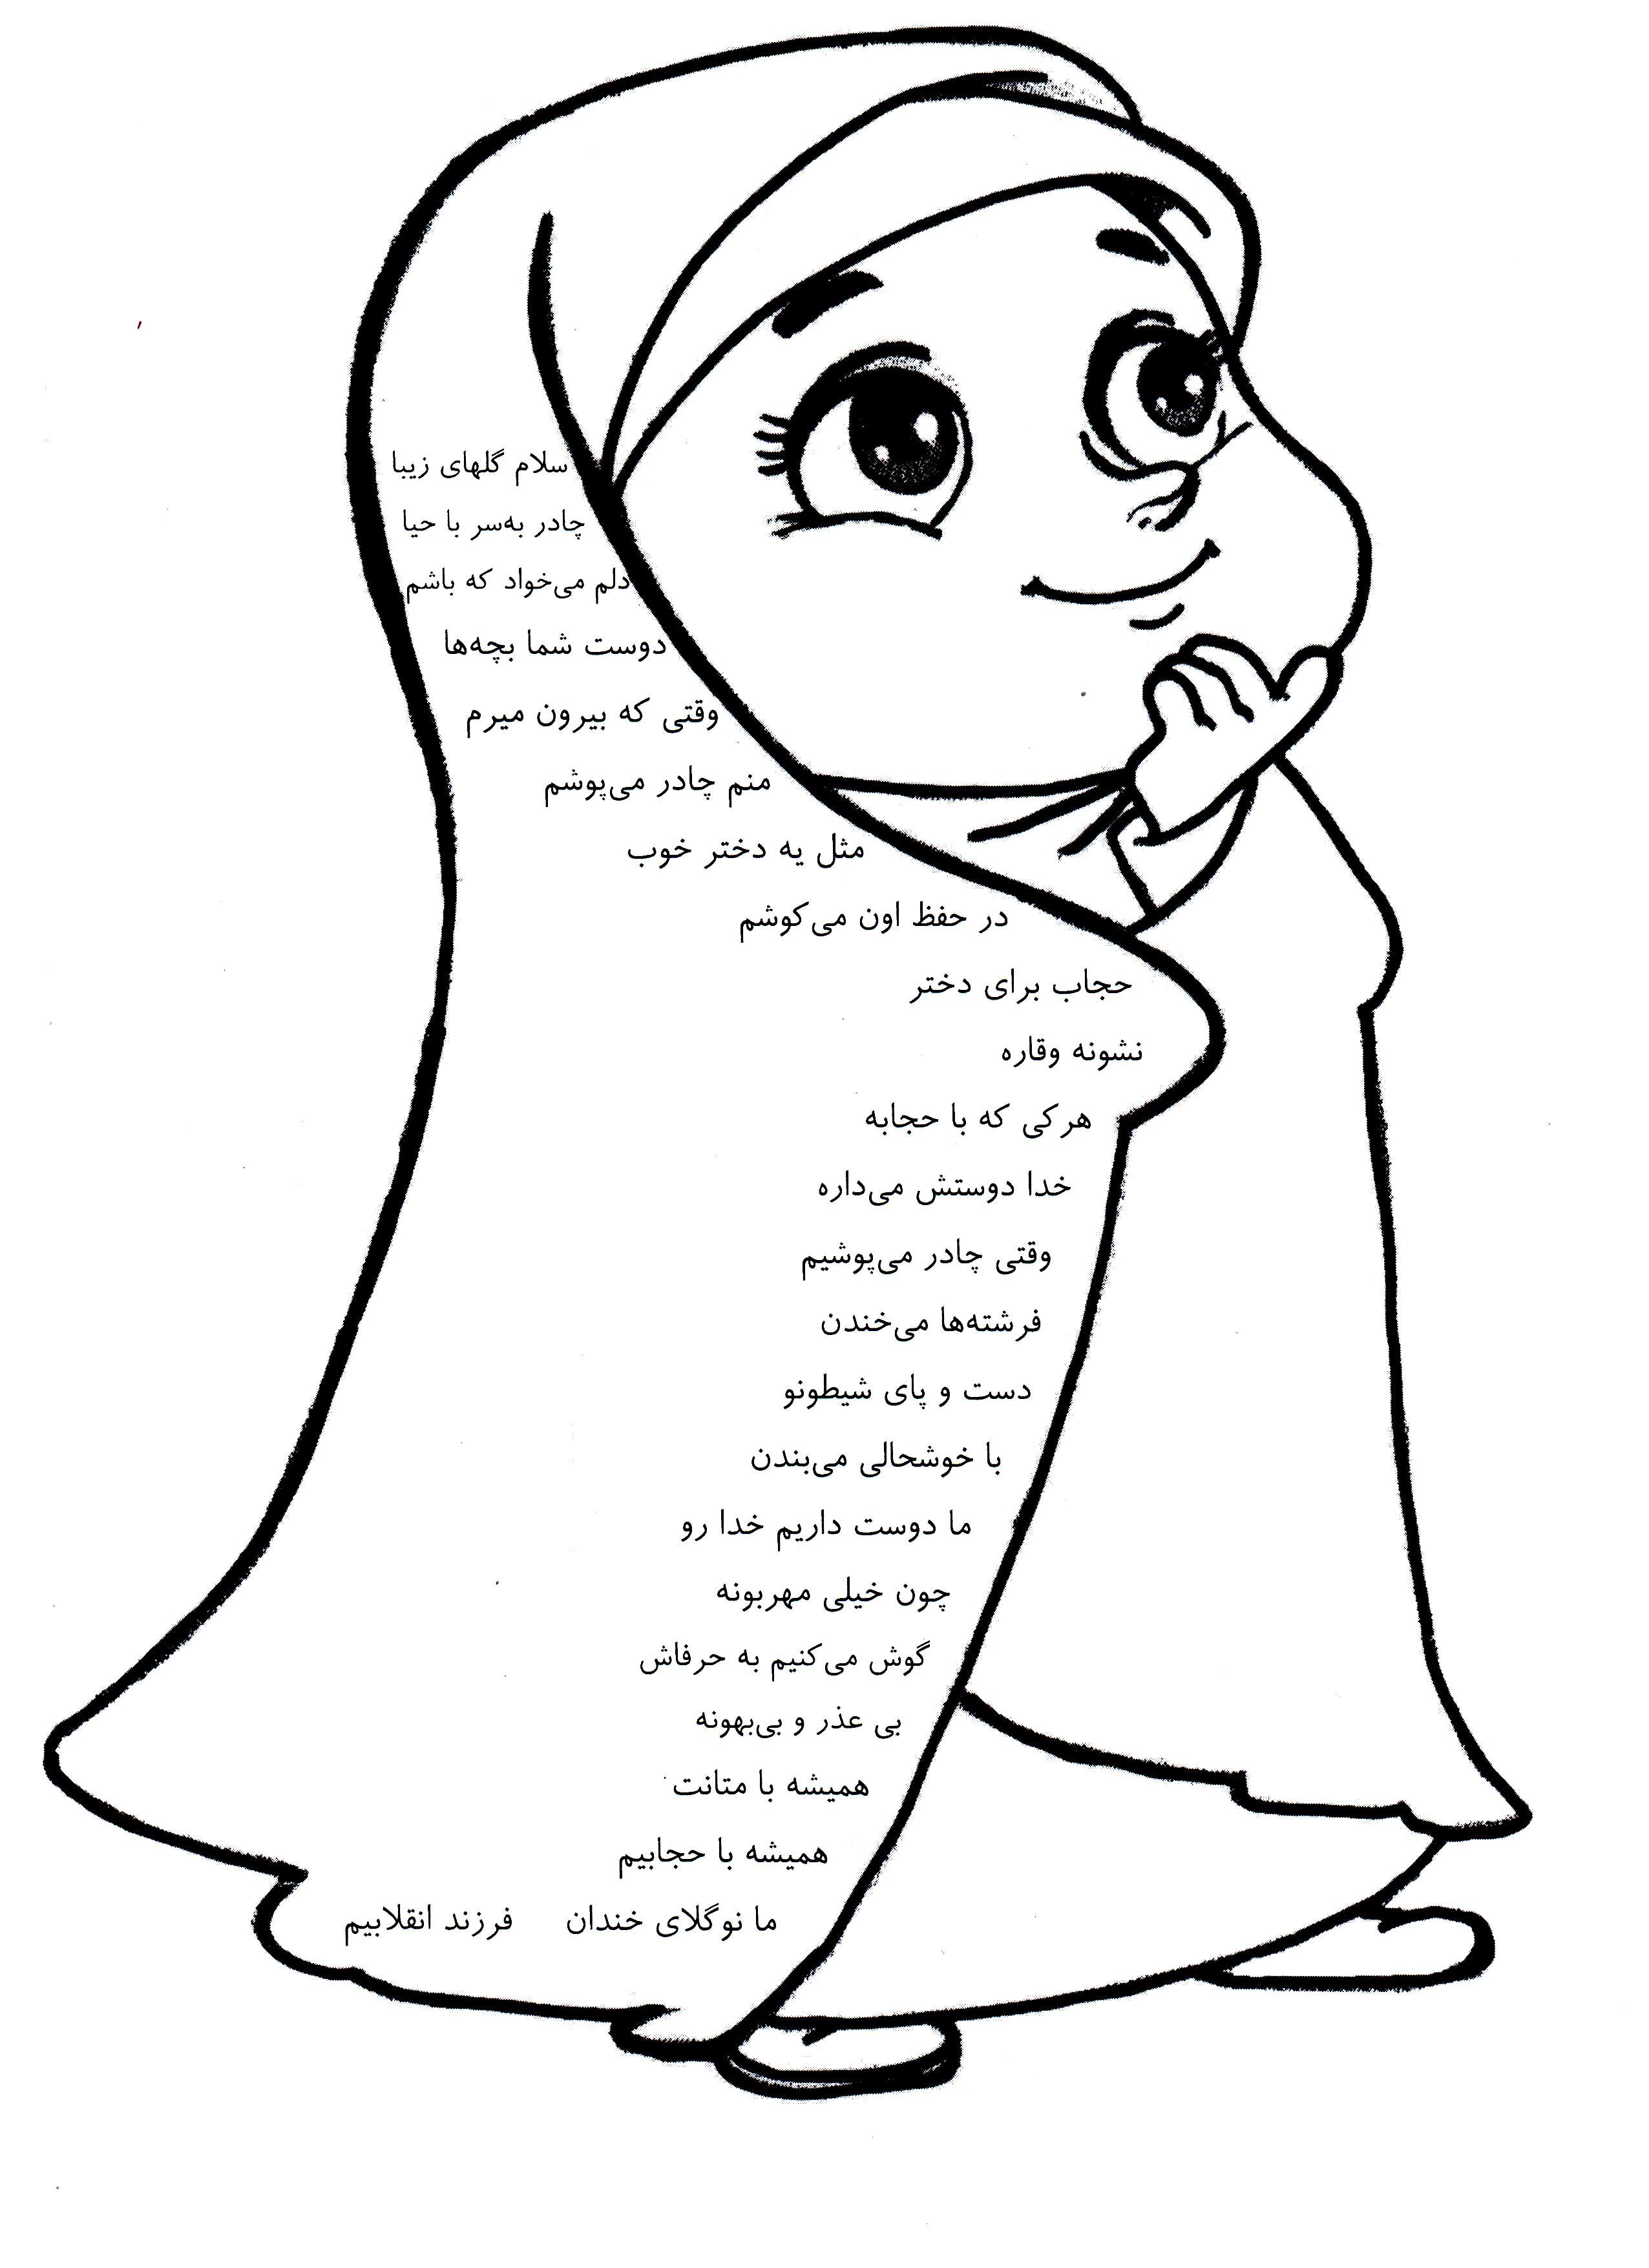 کارت آموزه حجاب